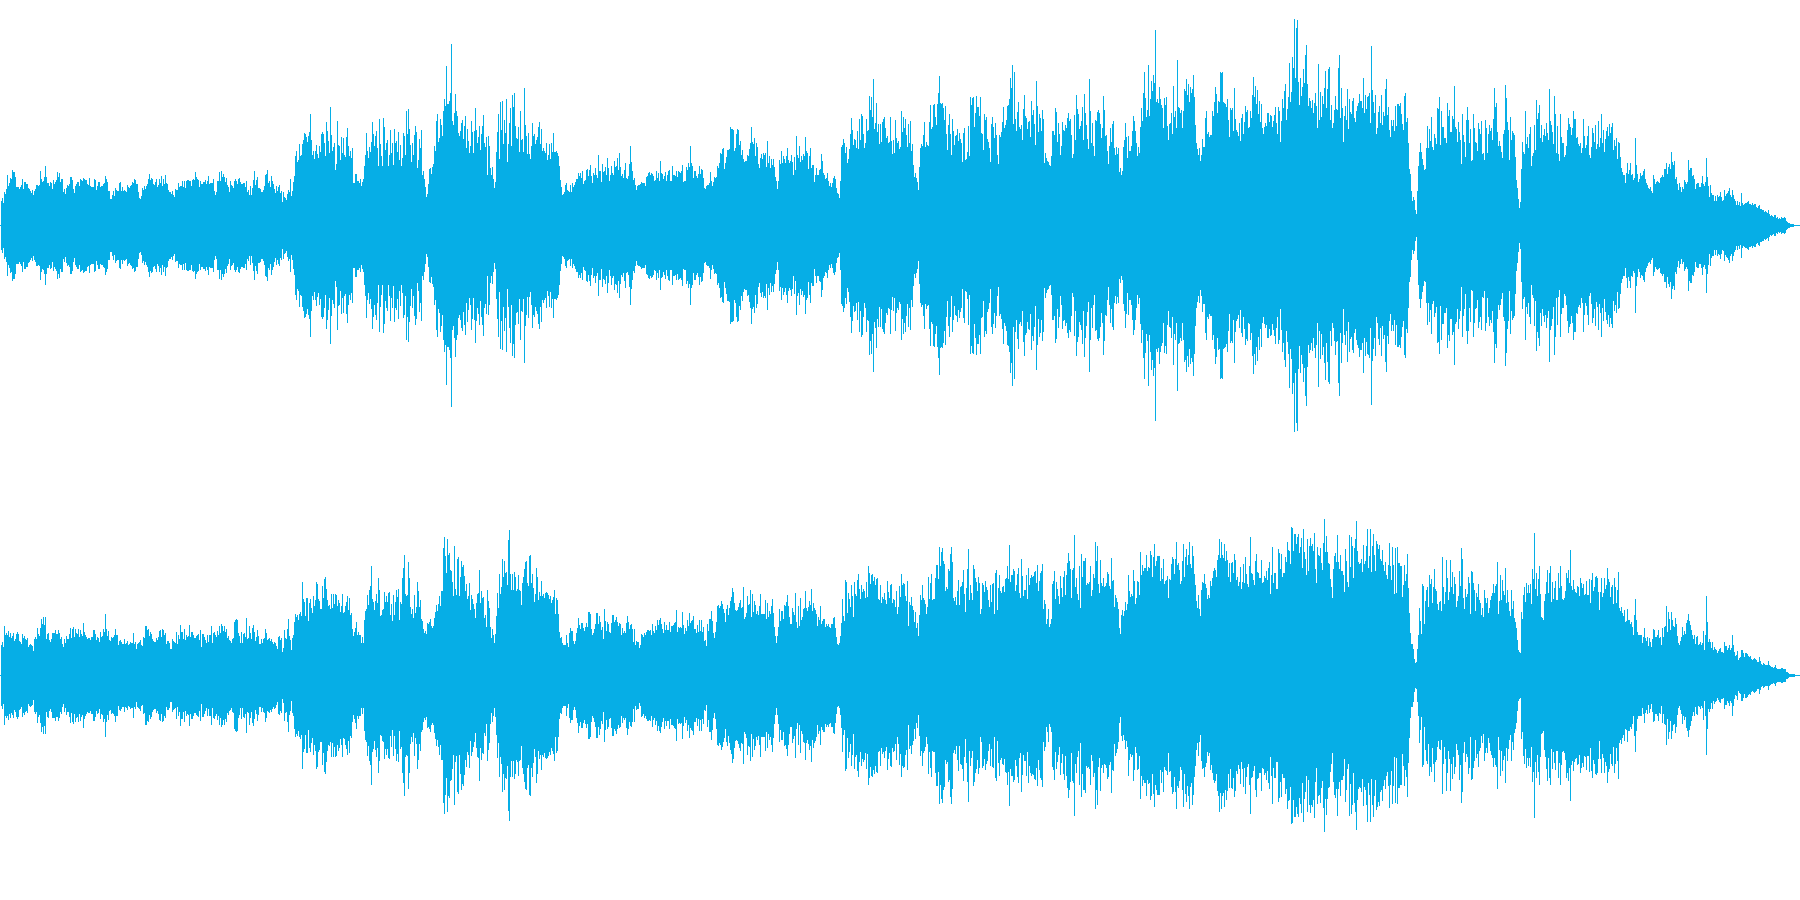 コーラスとパイプオルガンが印象的な曲の再生済みの波形